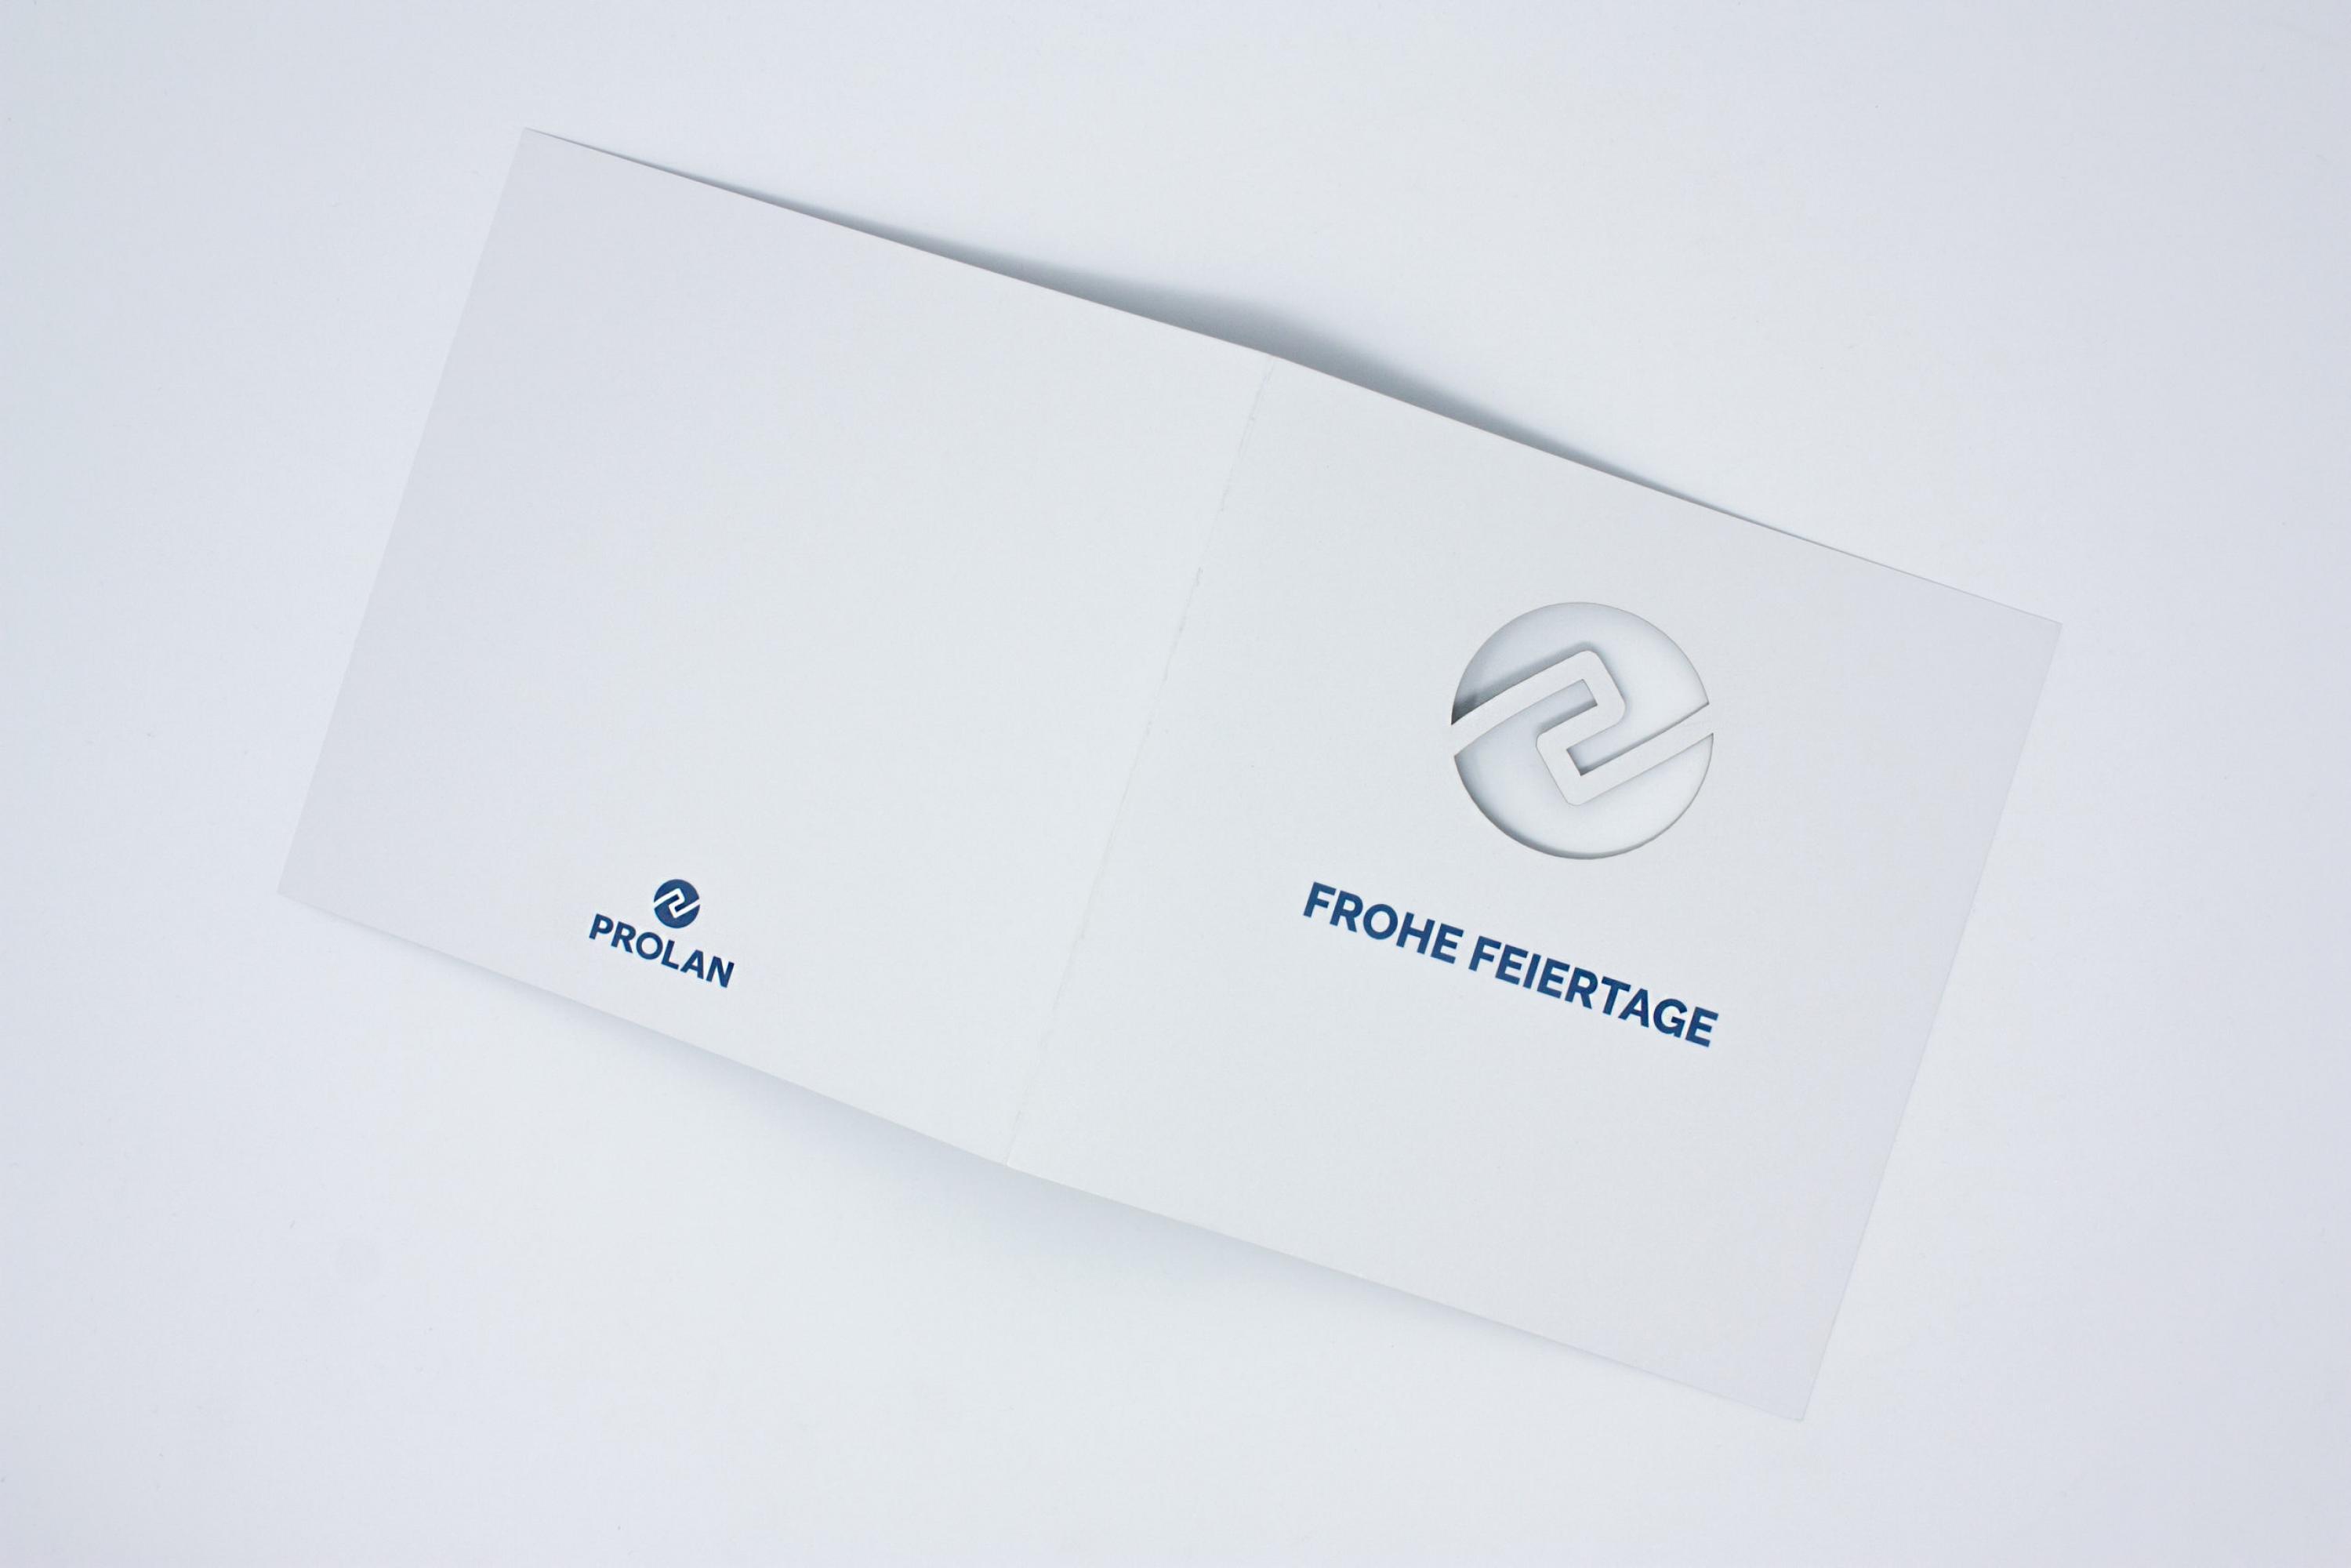 Weihnachtskarte-PROLAN-Print-Gestaltung-Corporate-Design-FORMLOS-Berlin-5